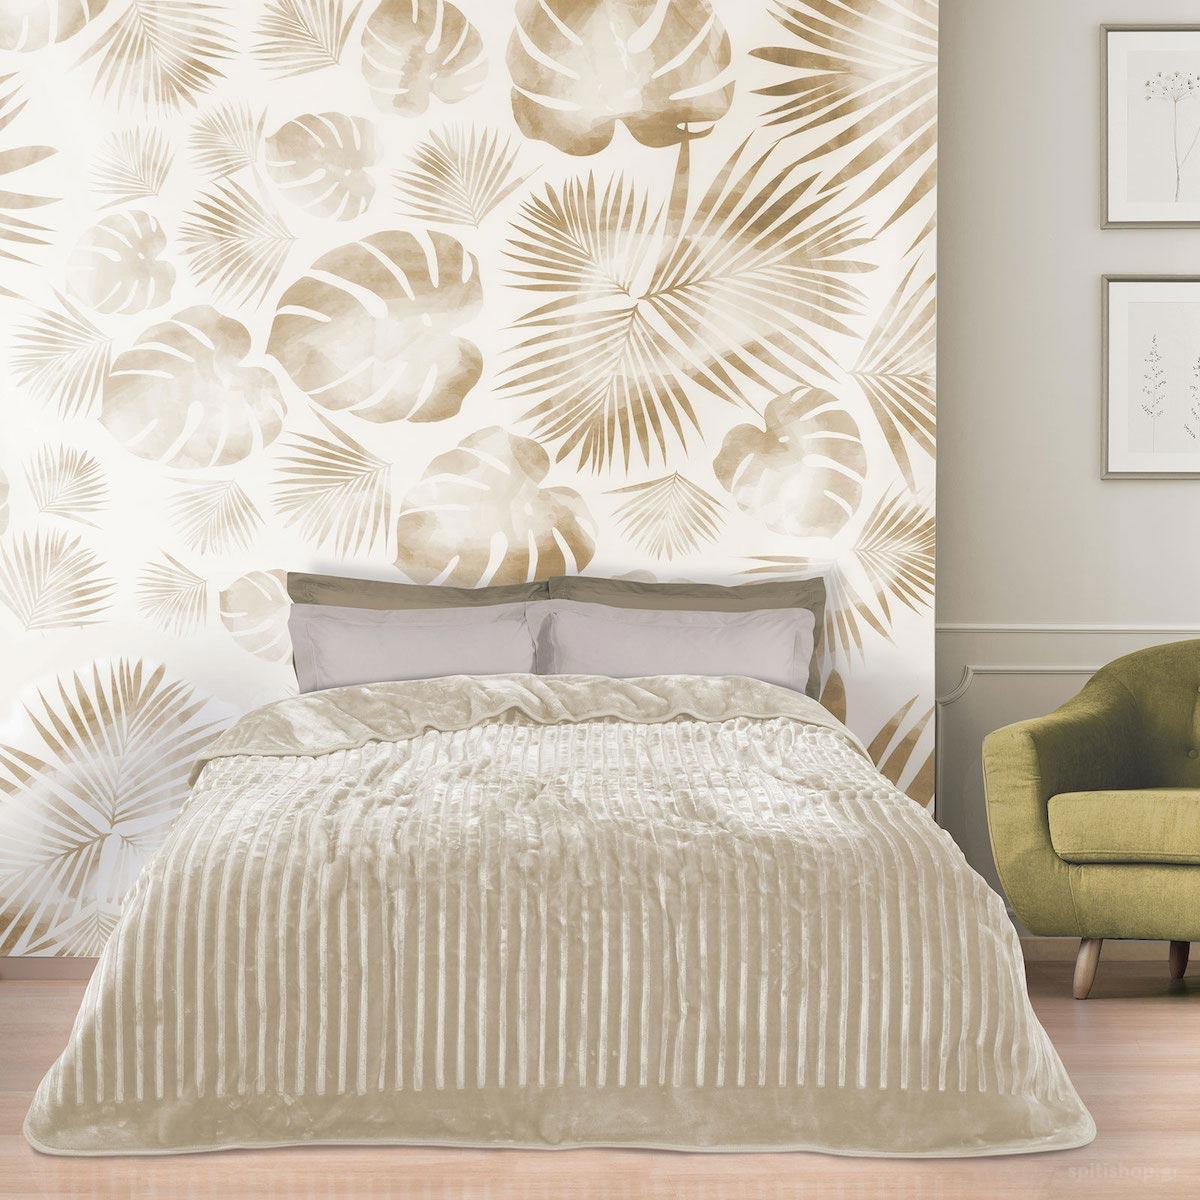 Κουβέρτα Βελουτέ Μονή Das Home Blanket Line 0445 Cream